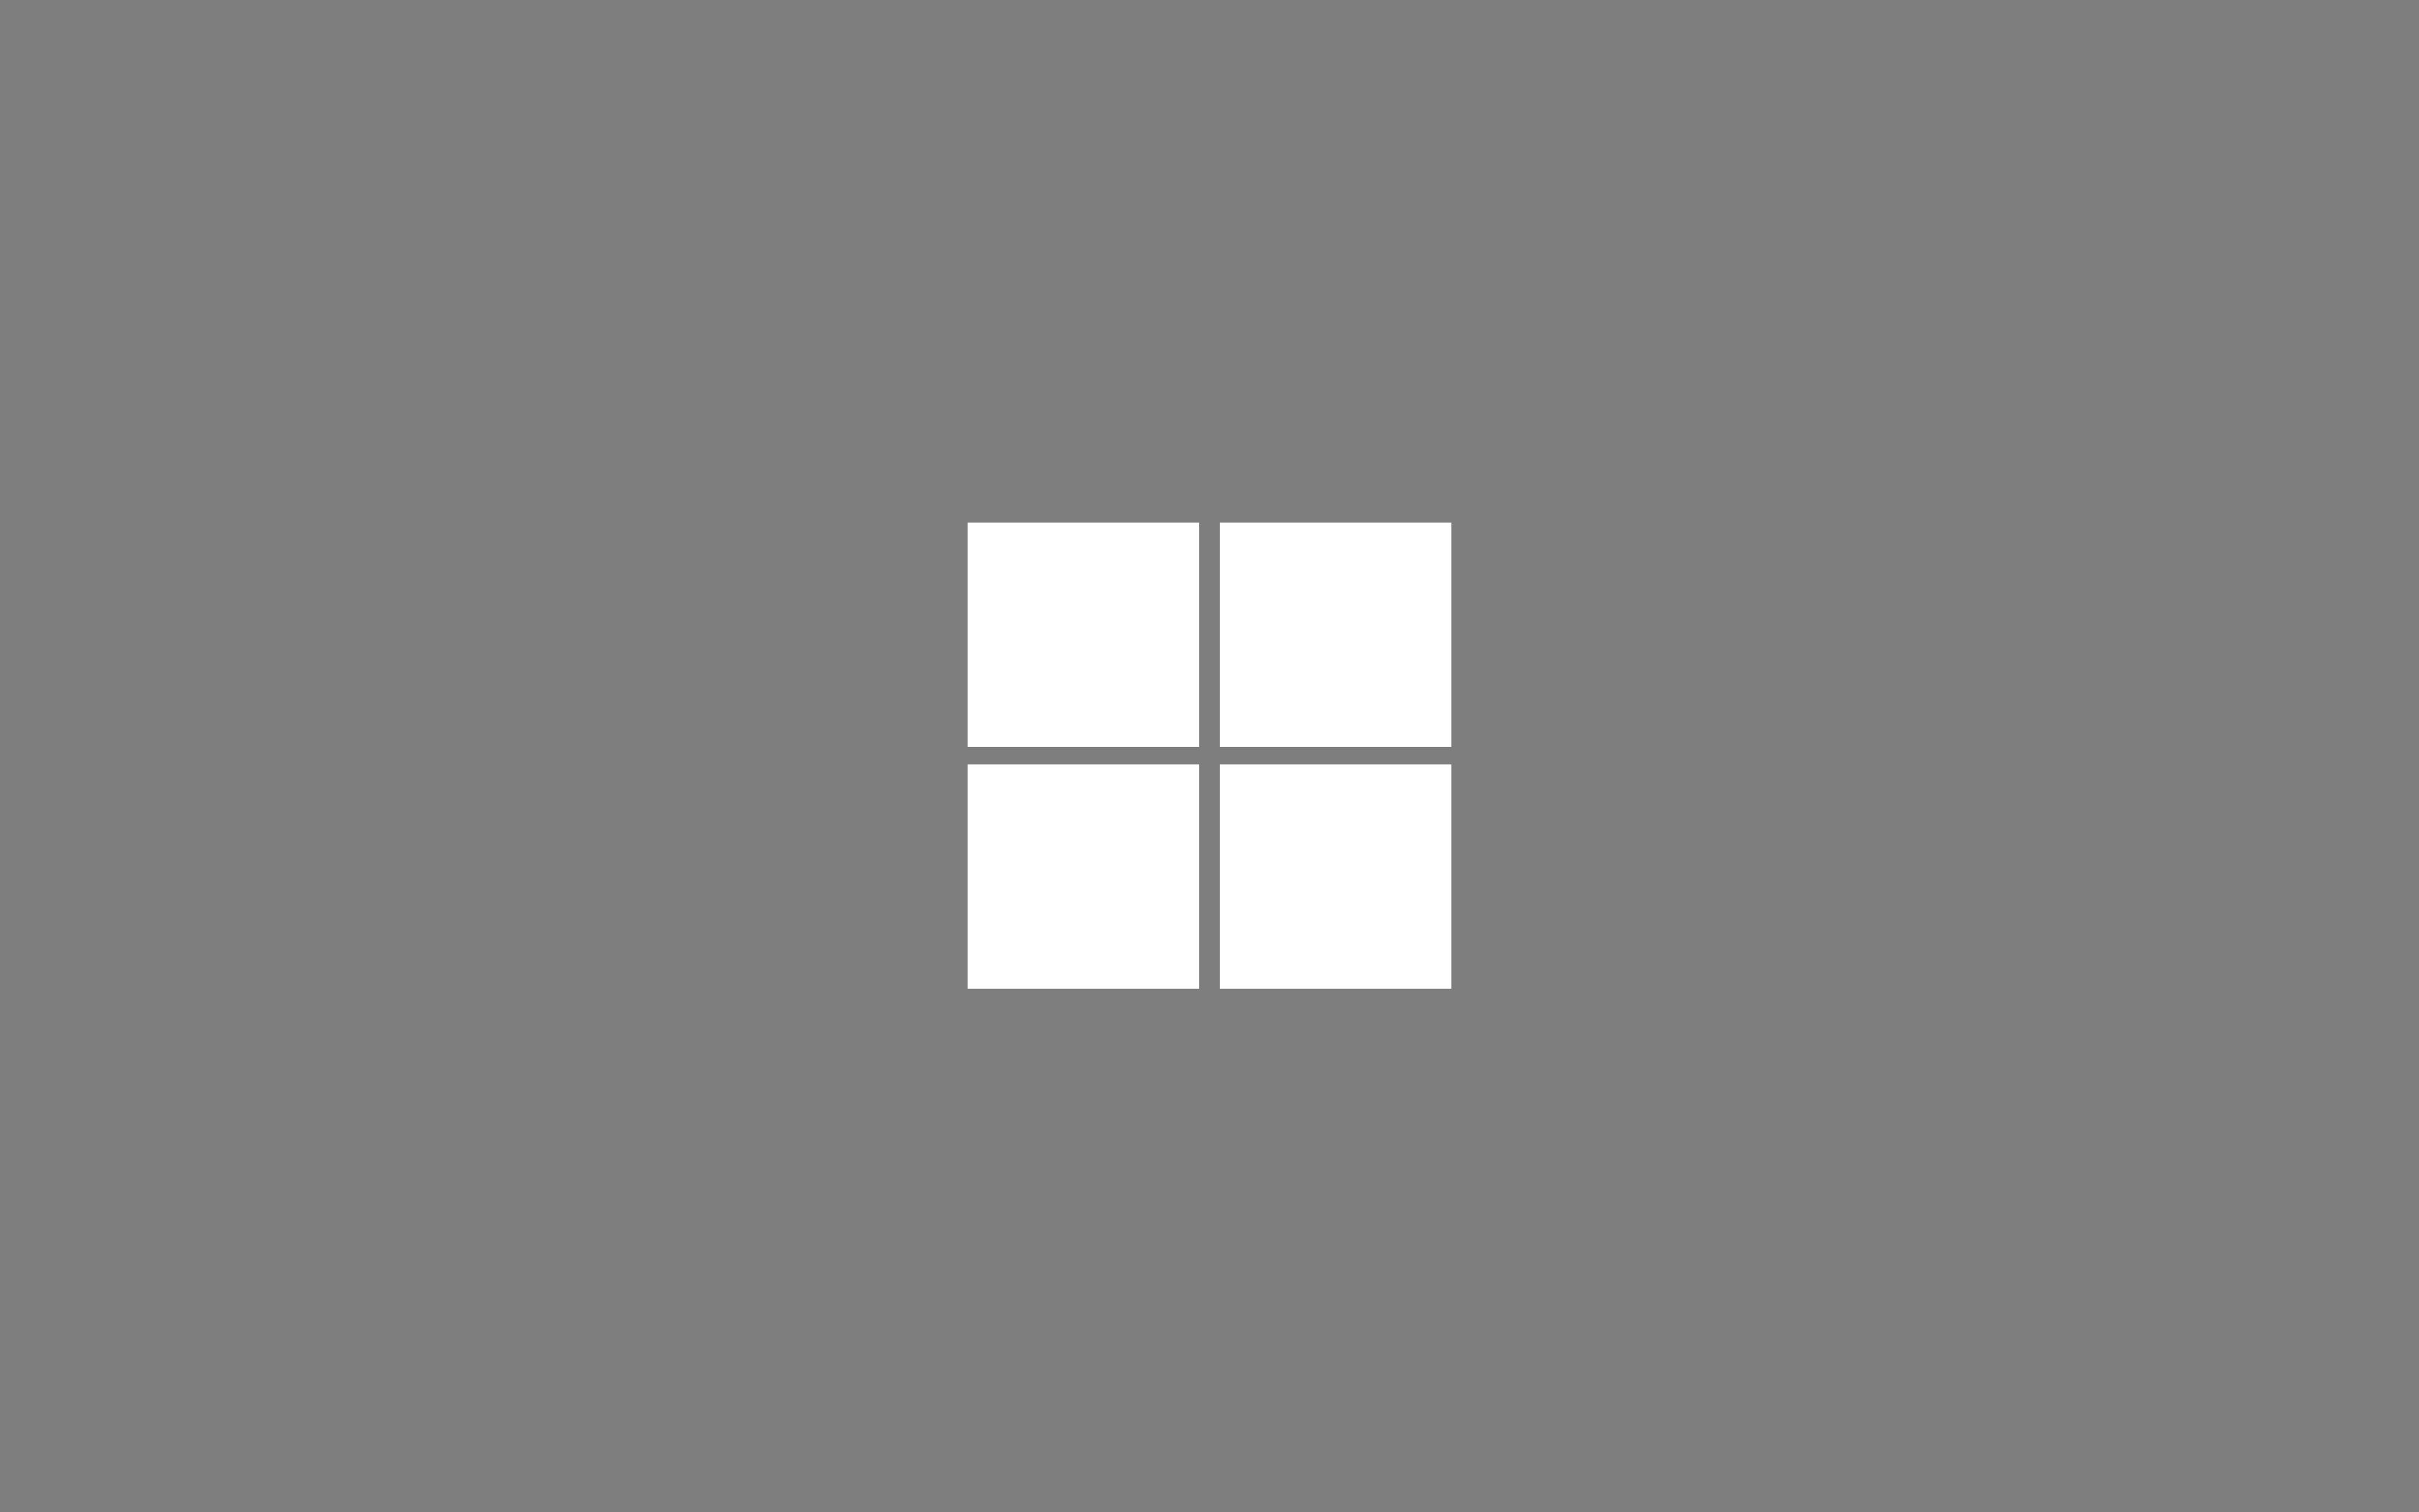 윈도우 로고